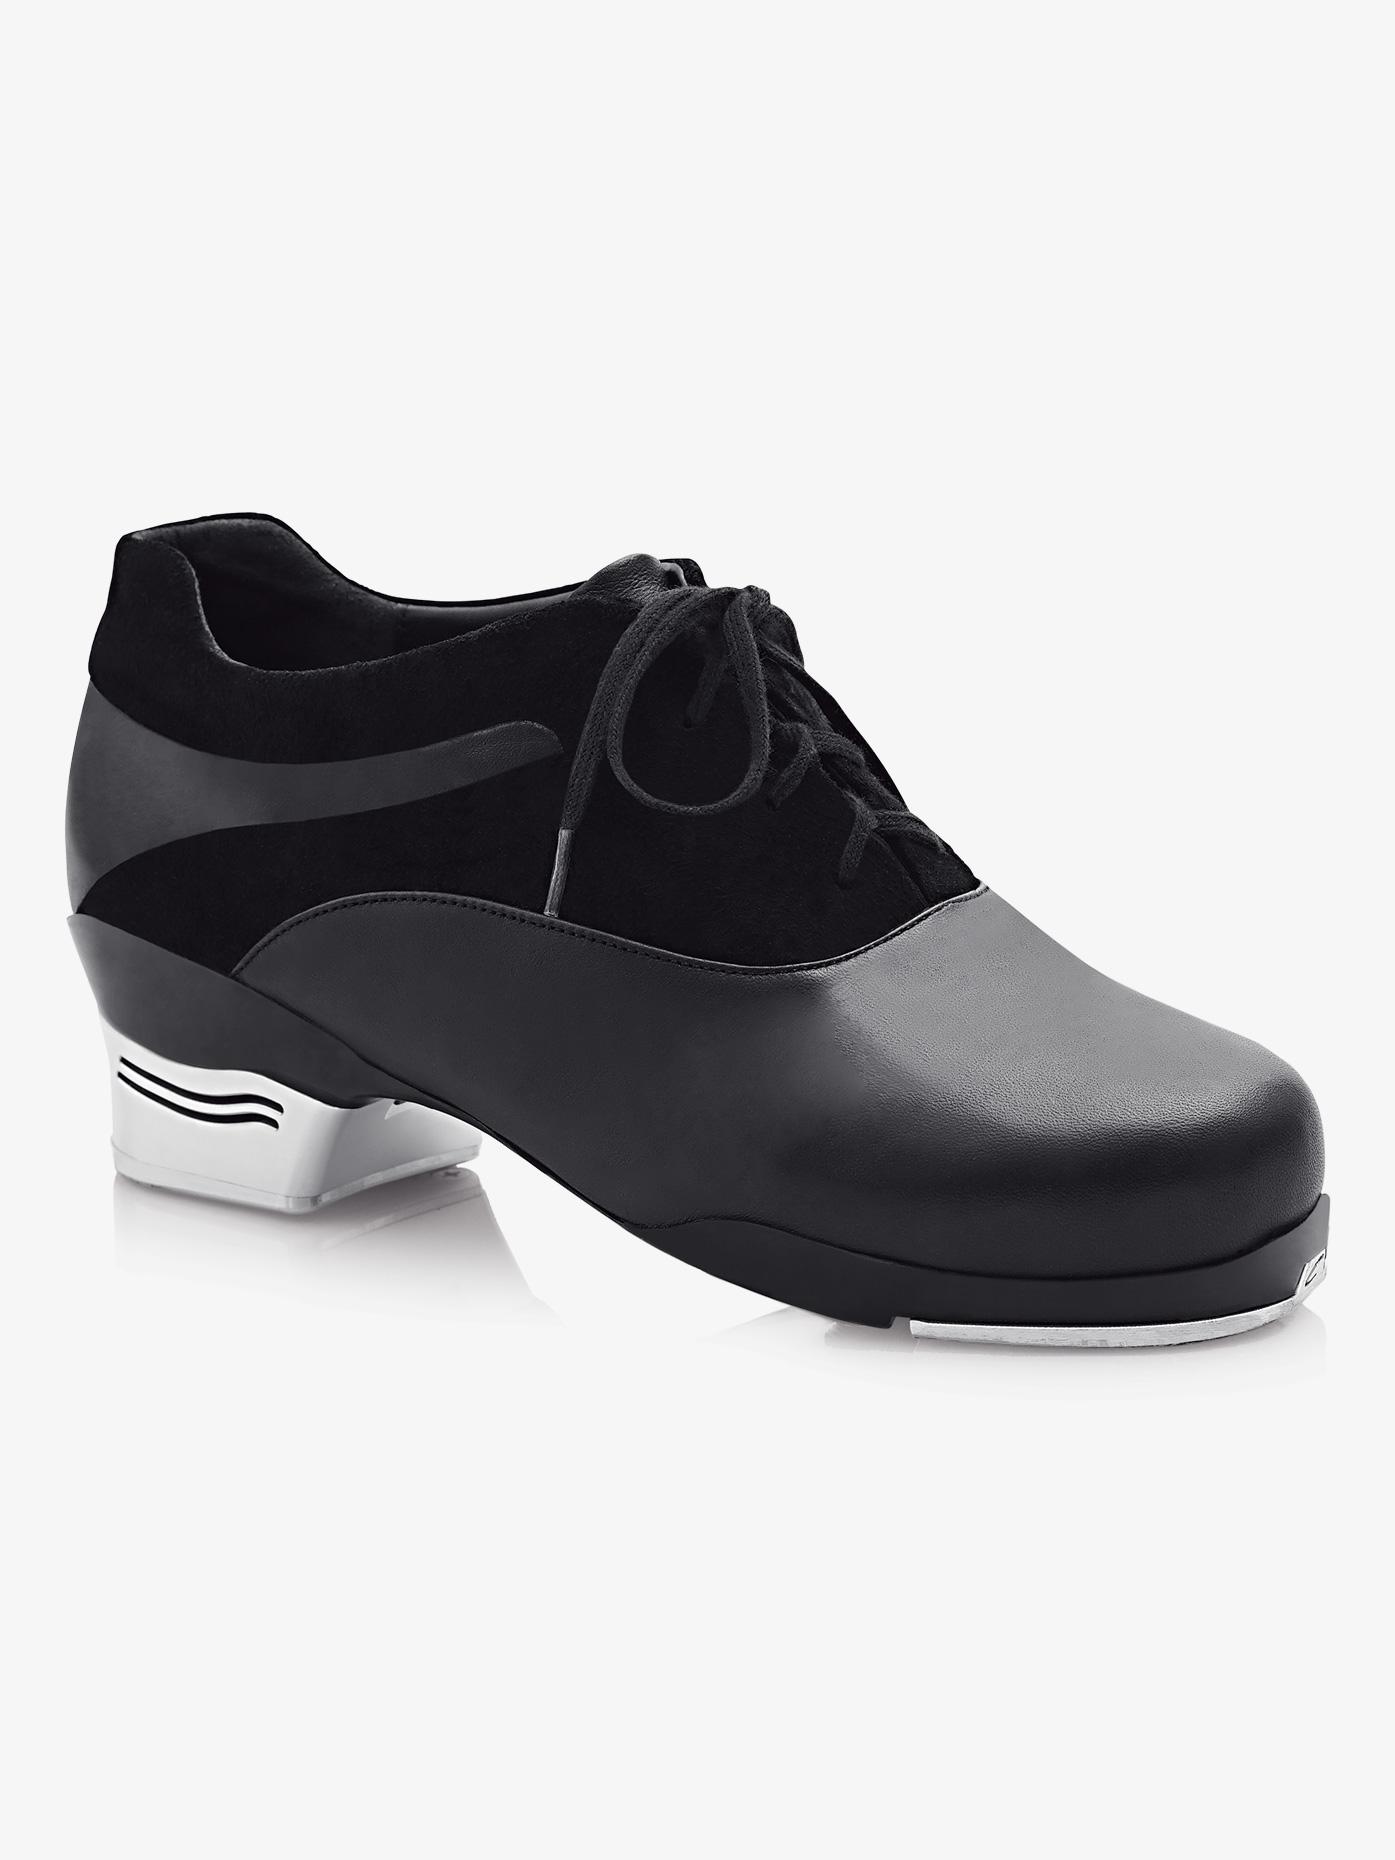 Capezio Adult Tapsonic Tap Shoes K542